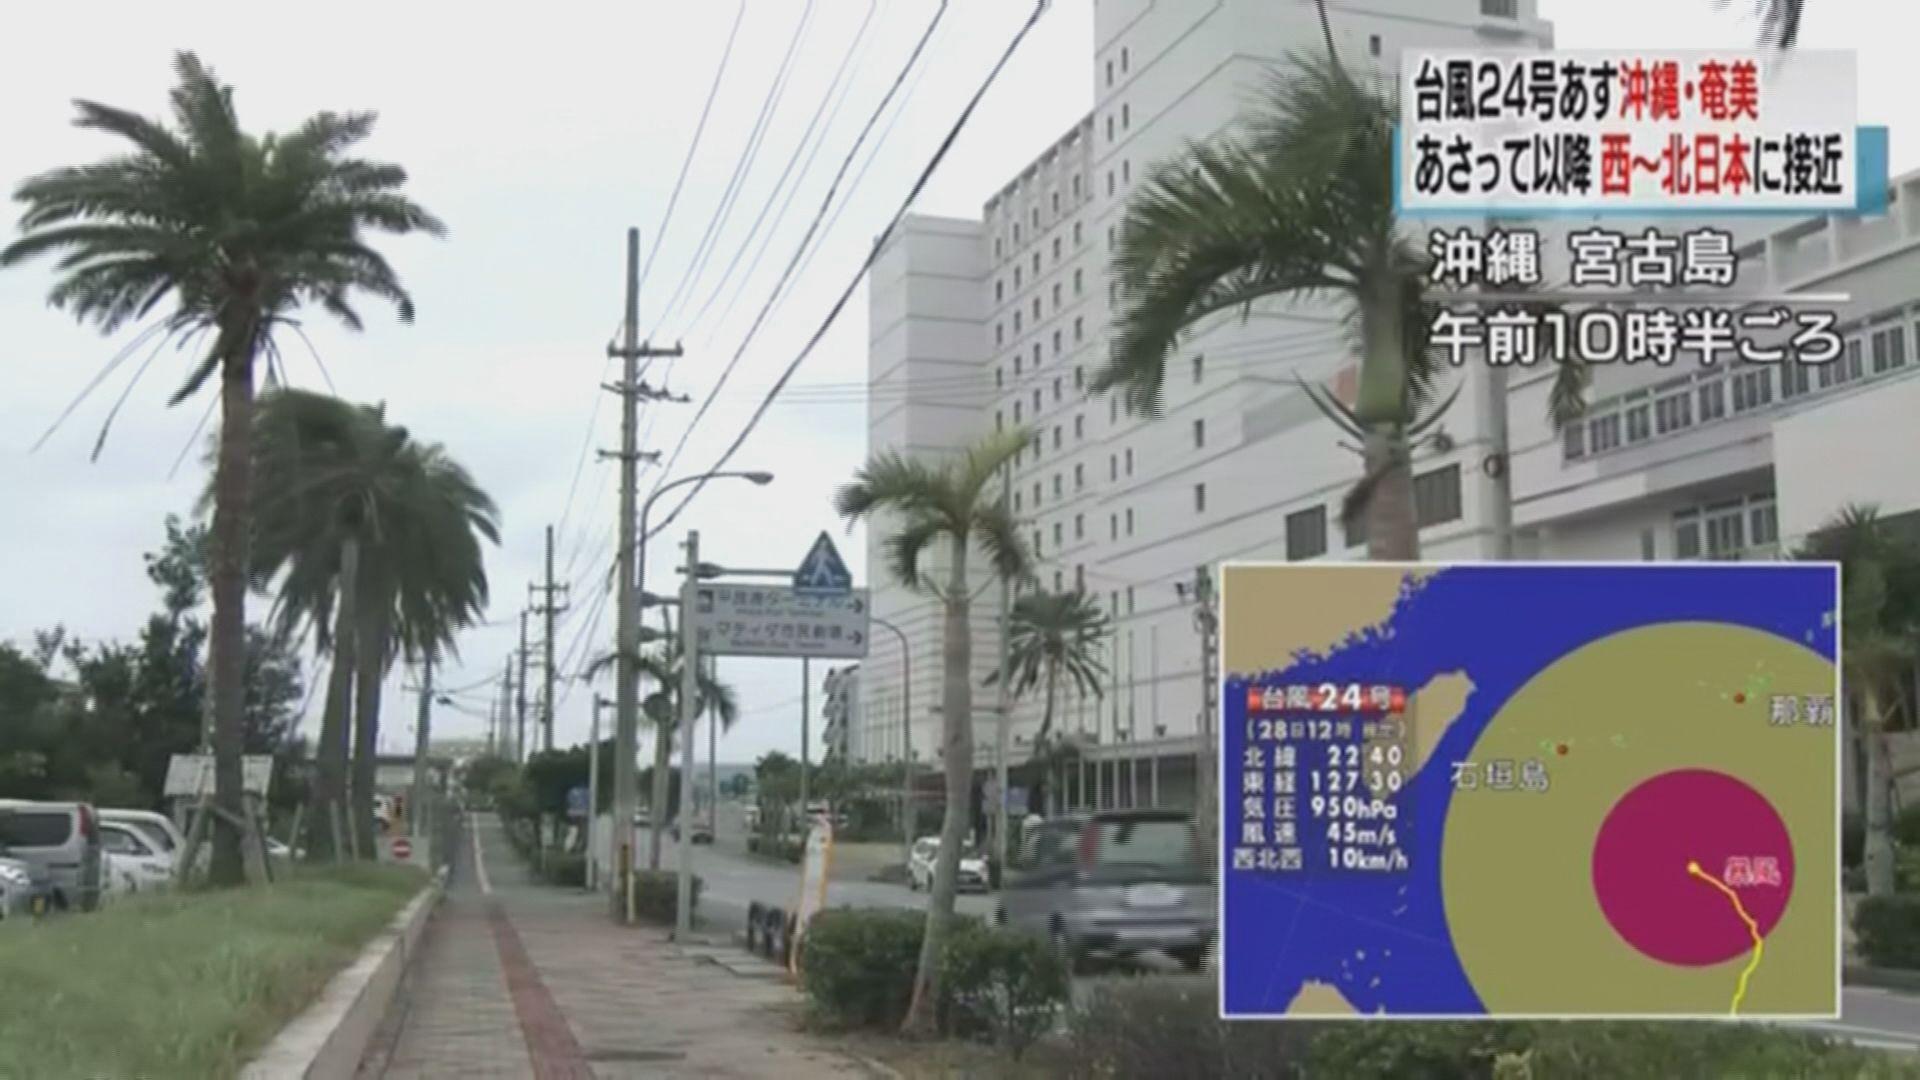 強颱風潭美逼近沖繩 多班航班取消